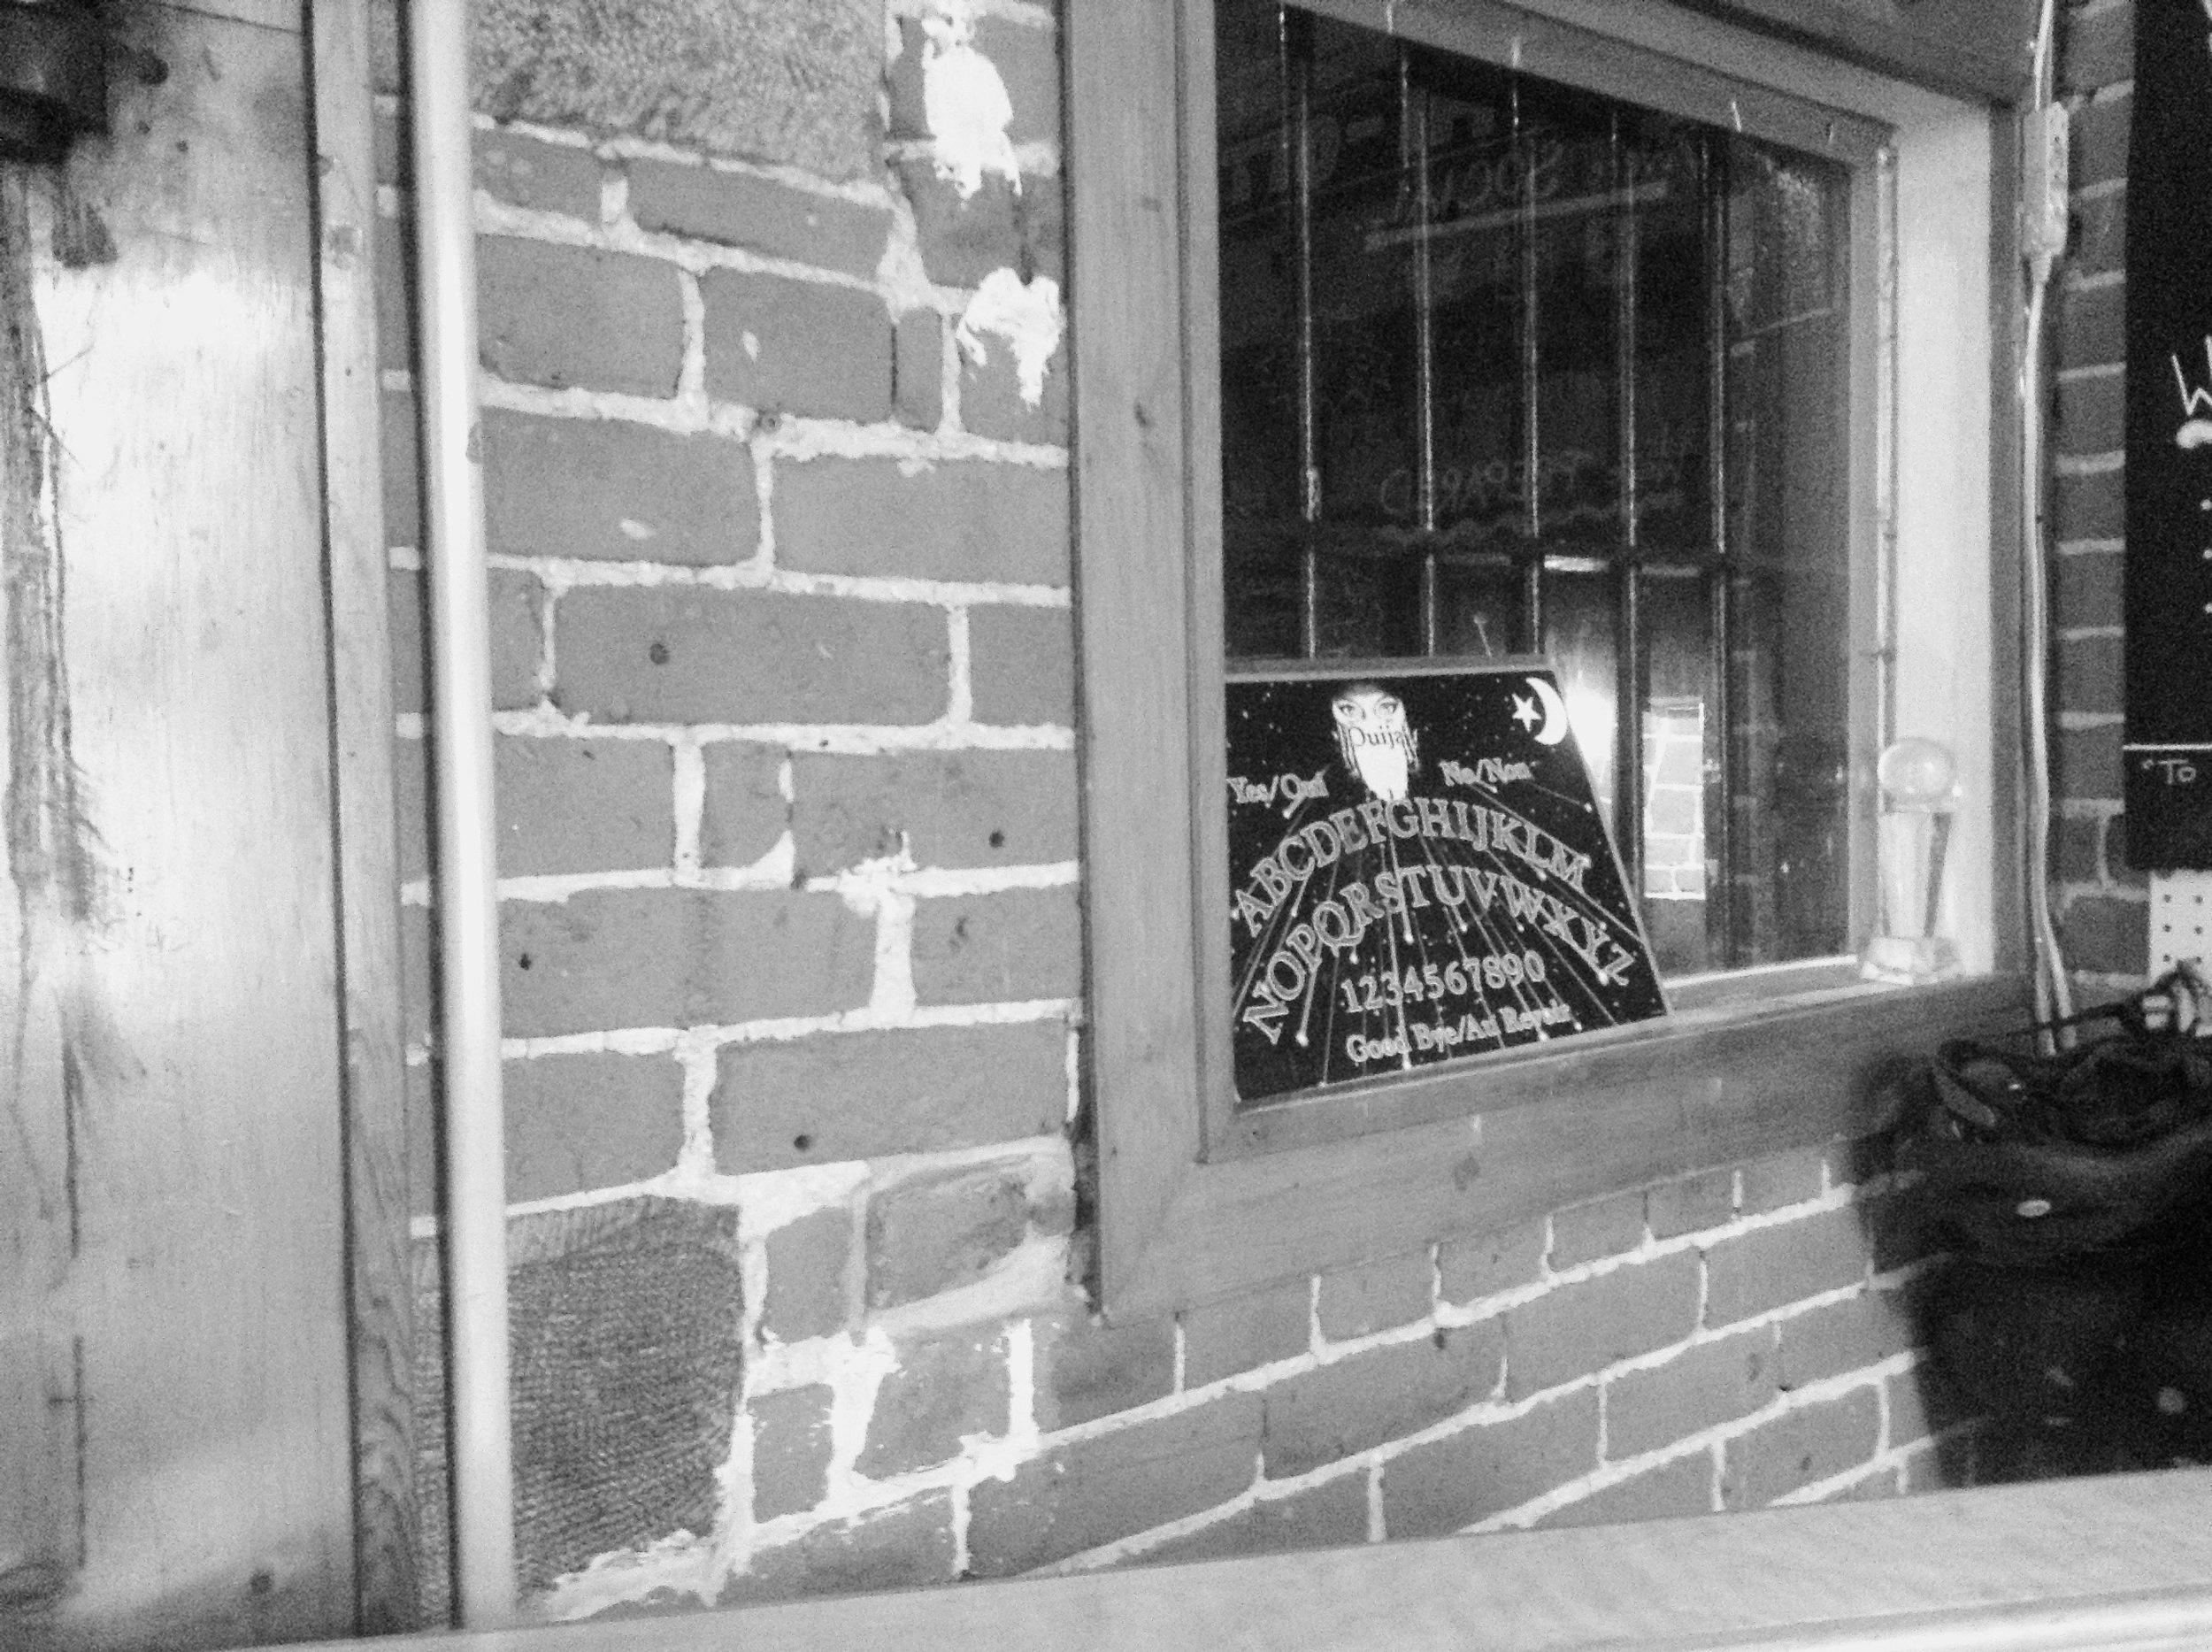 Ouija board in Reception window.